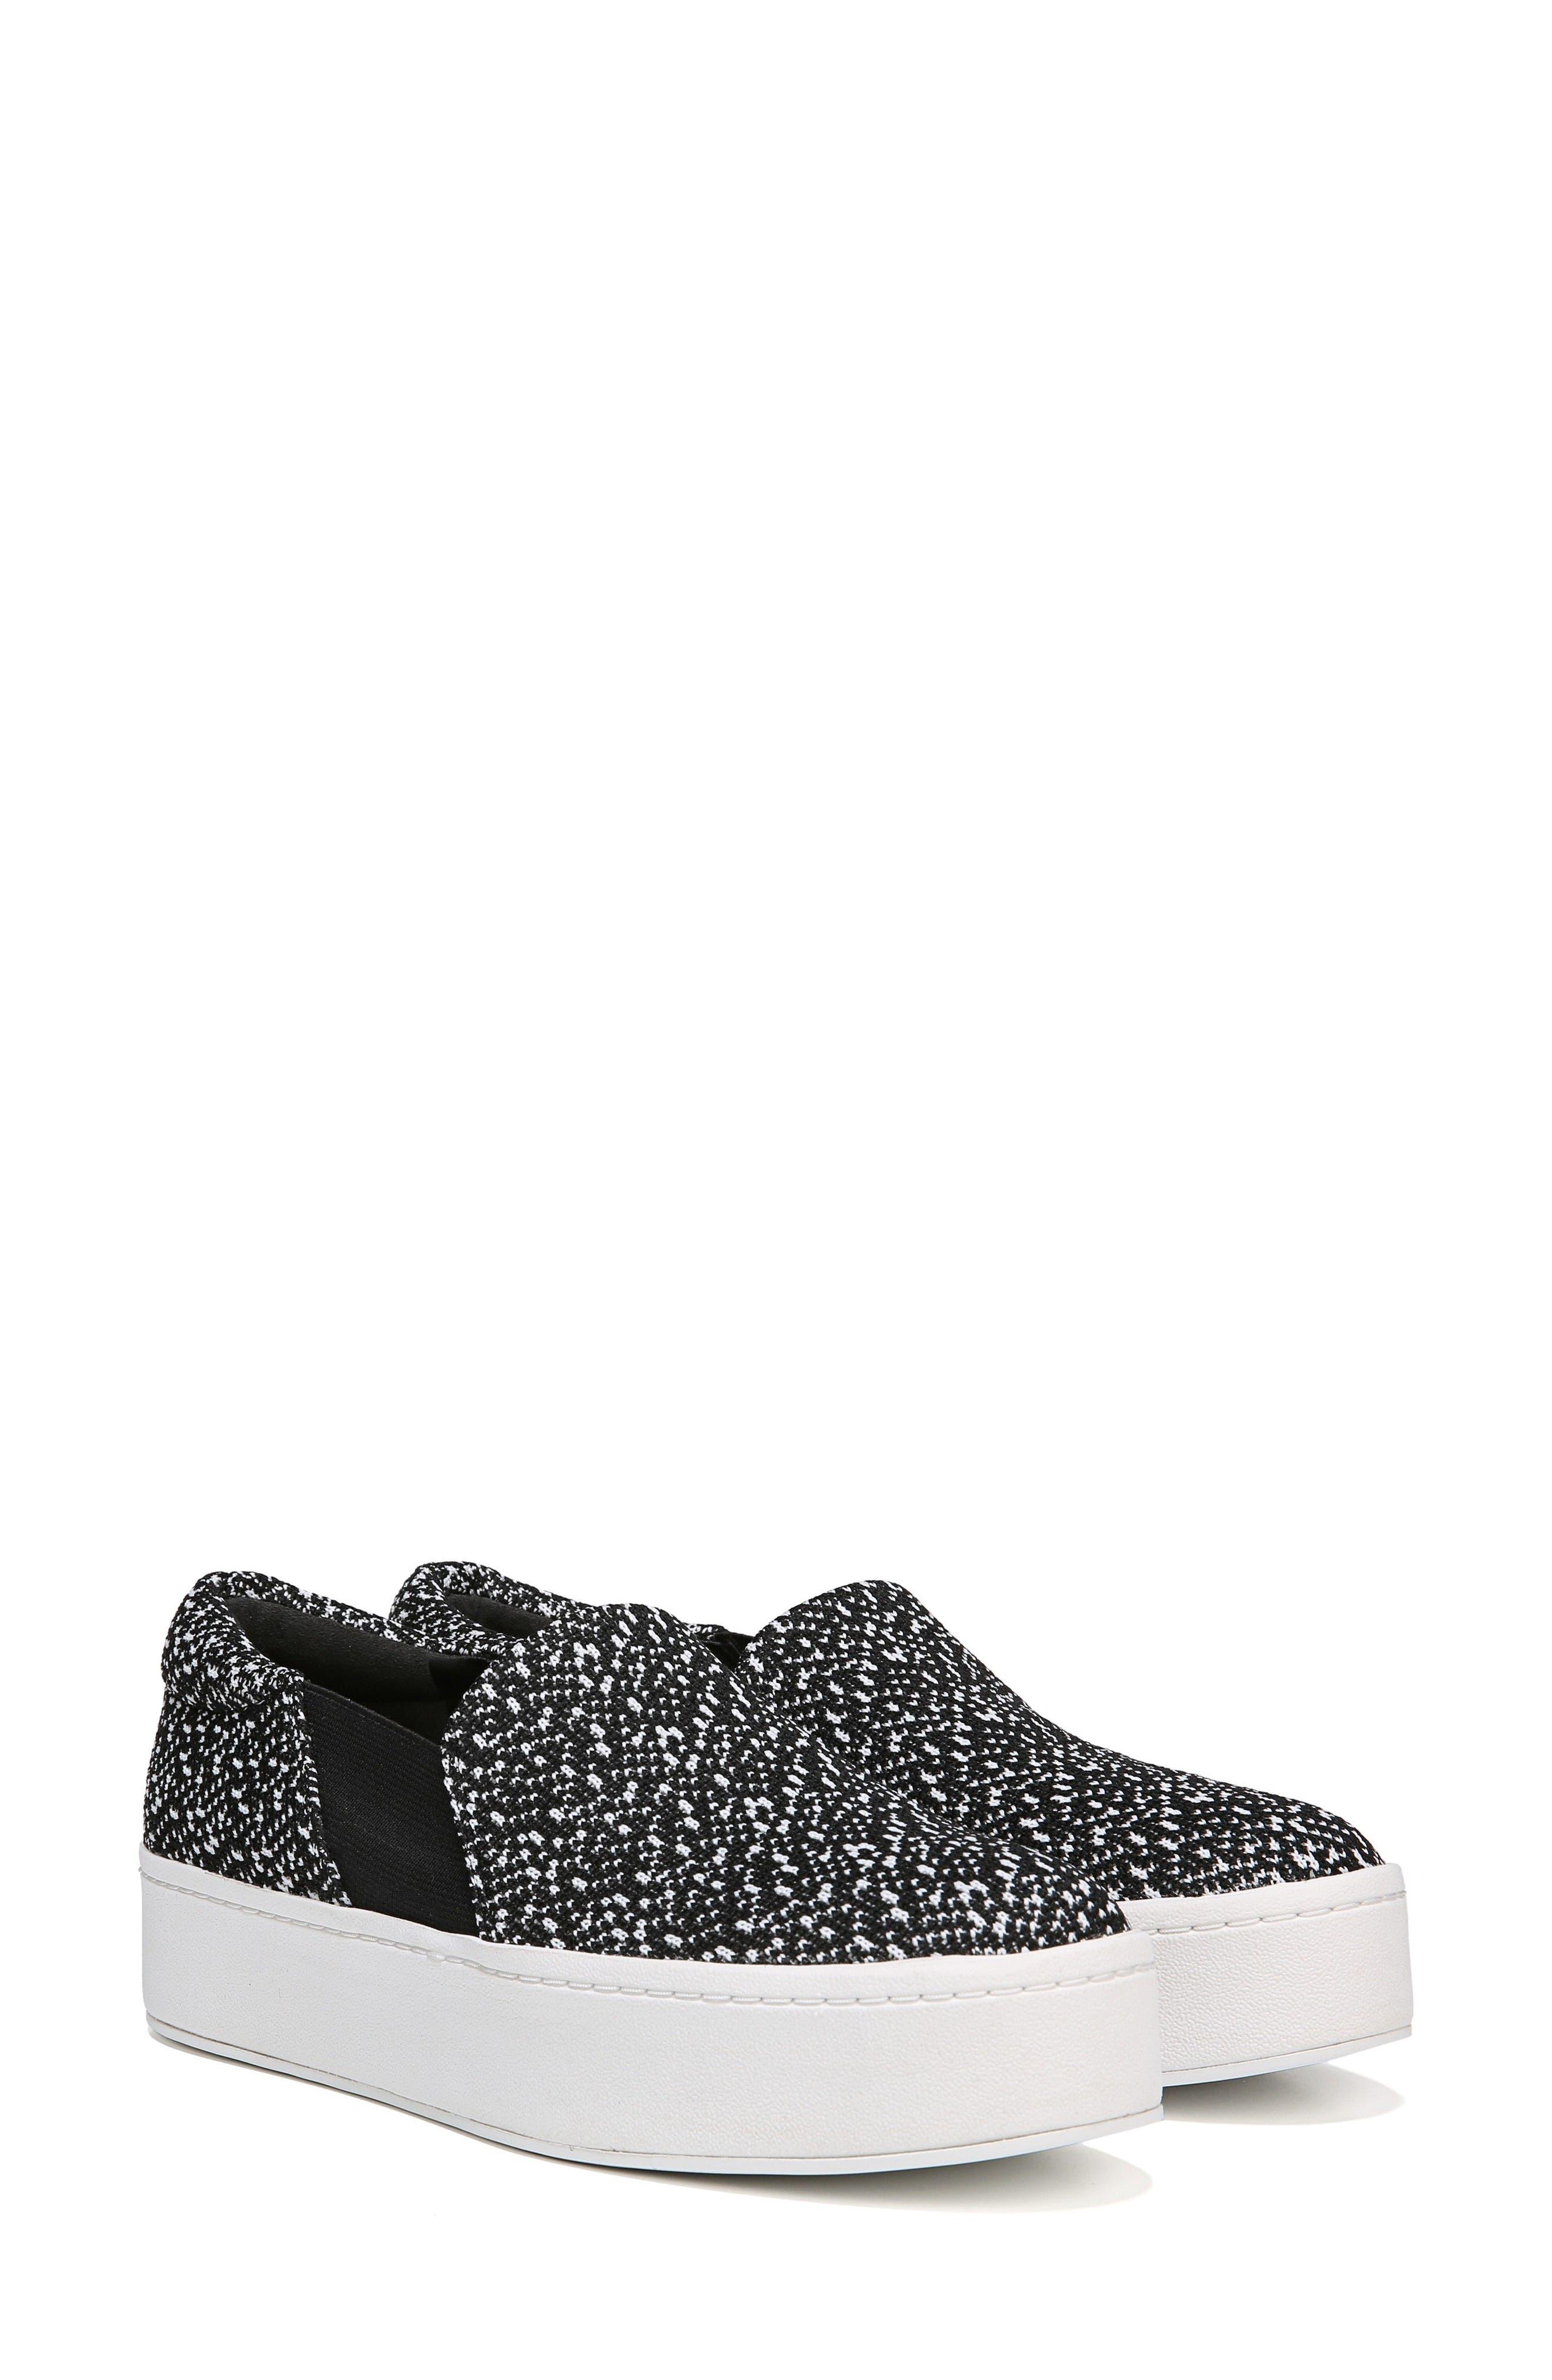 Warren Slip-On Sneaker,                             Alternate thumbnail 6, color,                             BLACK/ WHITE